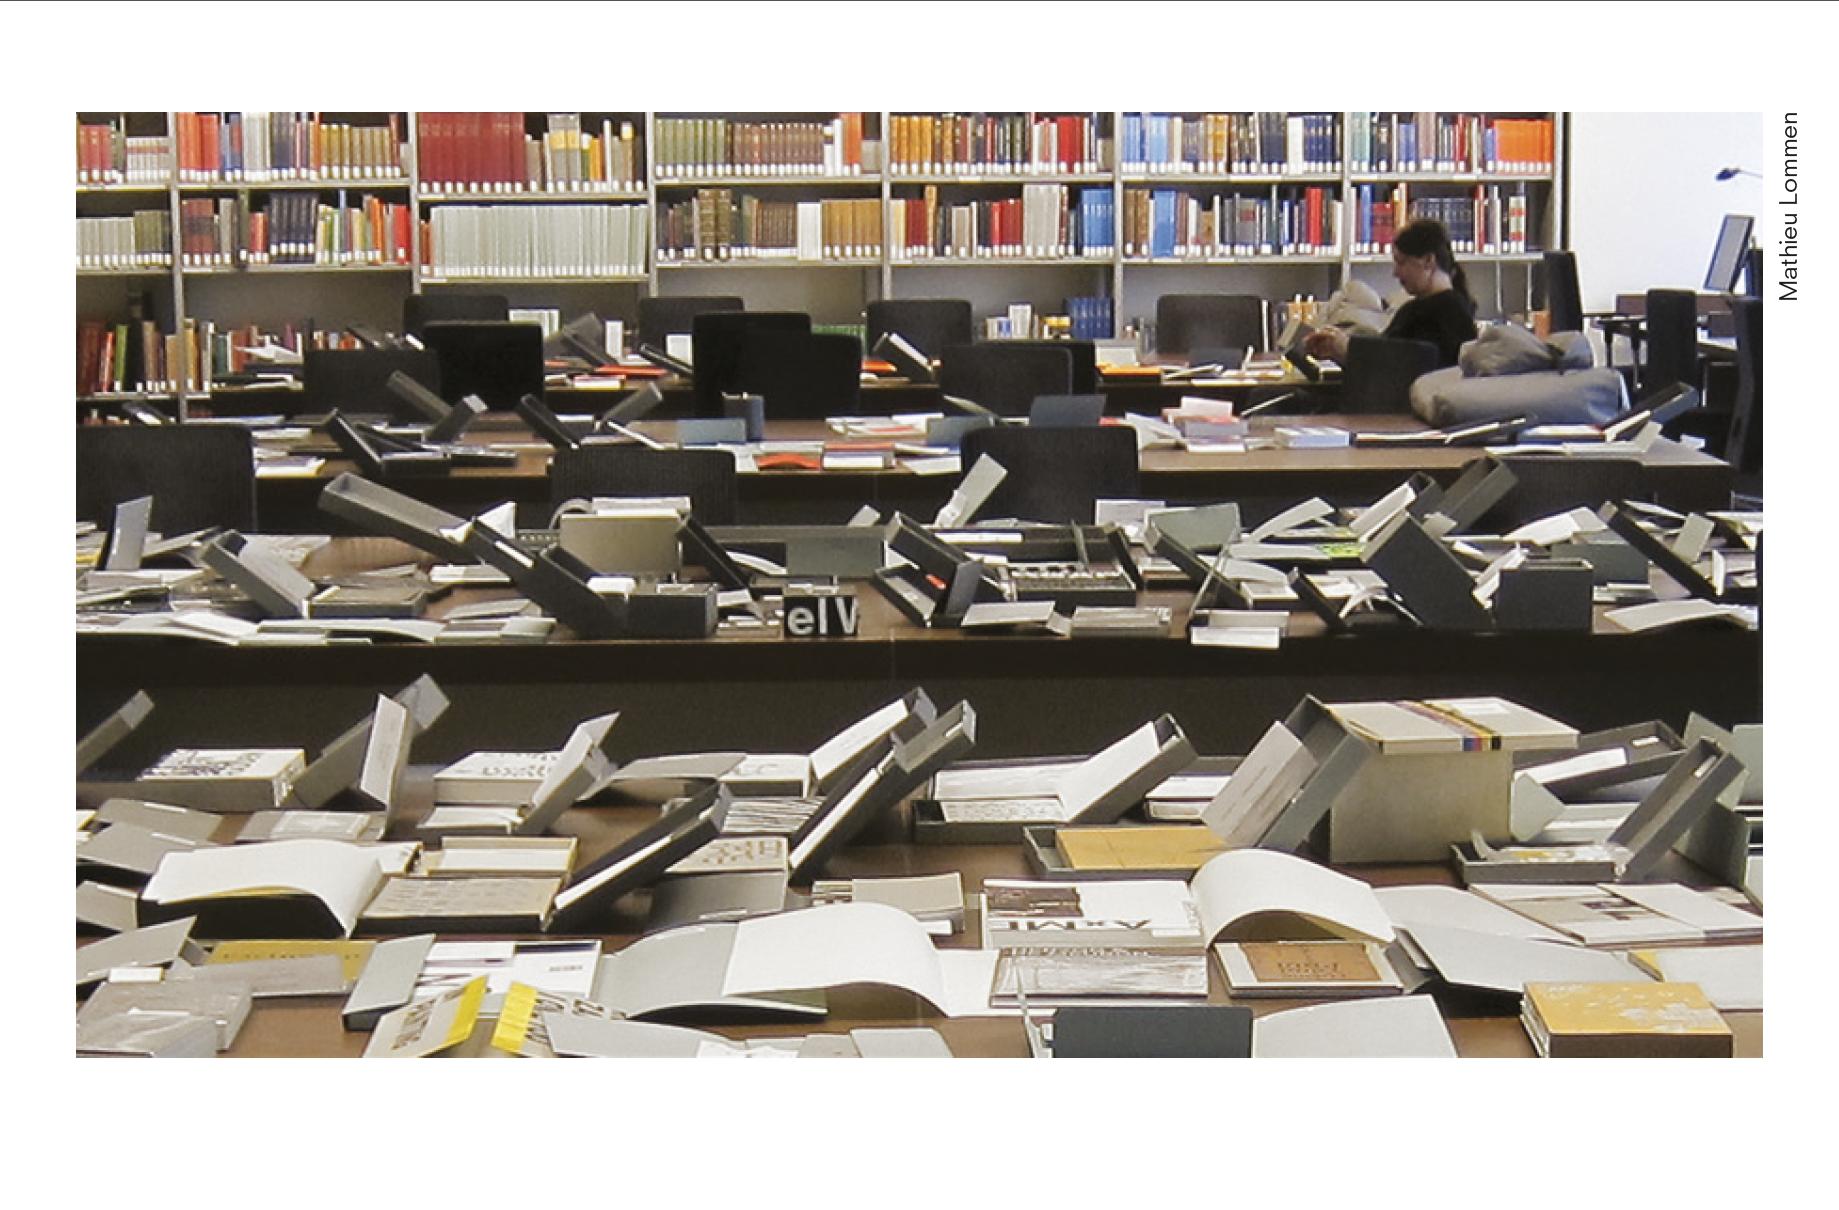 アムステルダム大学にある、イルマ・ボーム氏の手がけた書籍のアーカイブ